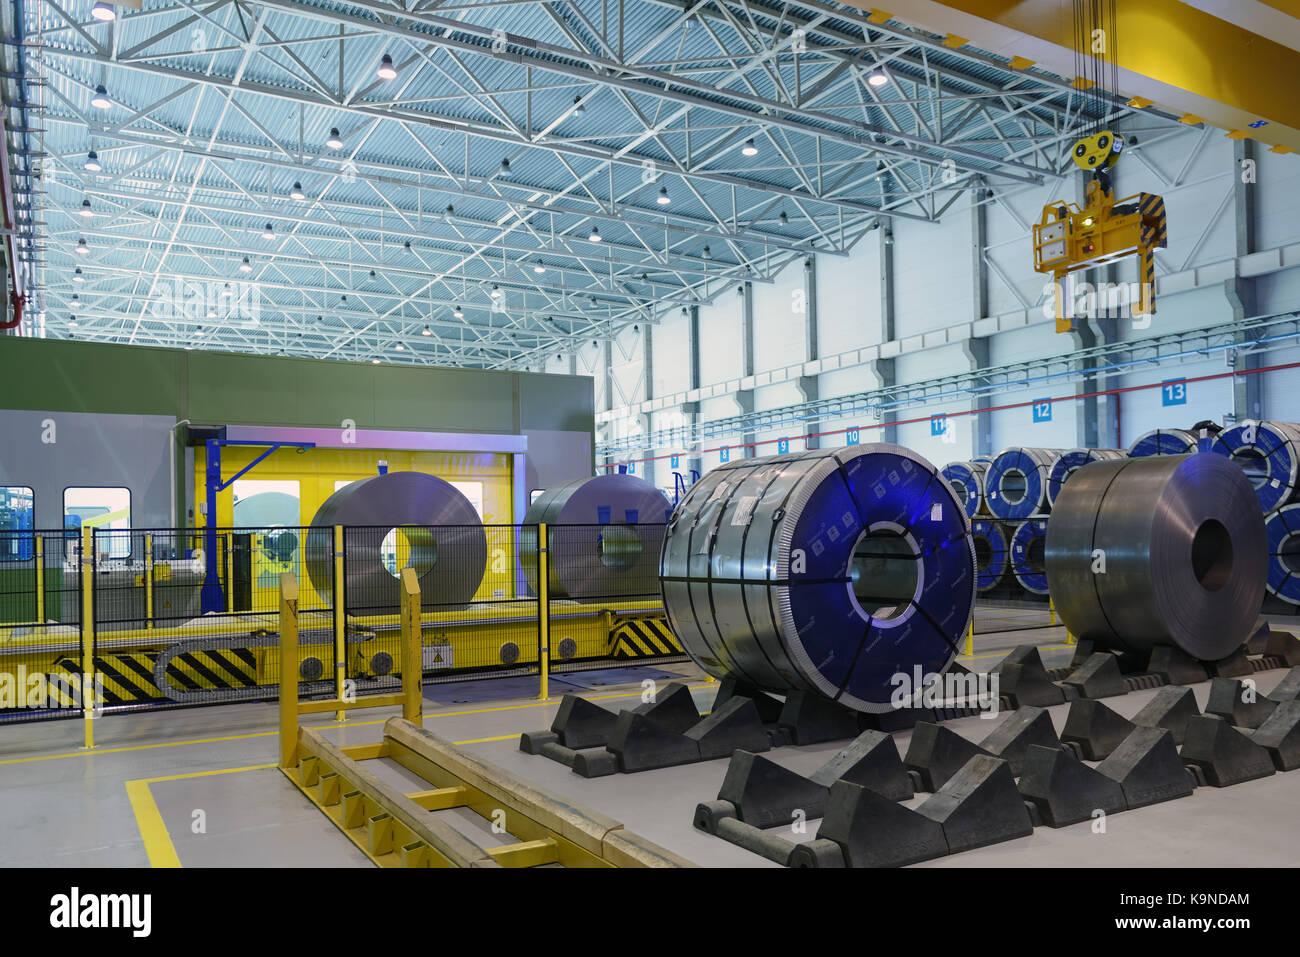 Vsefolozhsk, Leningrad oblast, Russia - June 5, 2015: Presentation of the joint enterprise Severstal-SSC-Vsevolozsk. - Stock Image